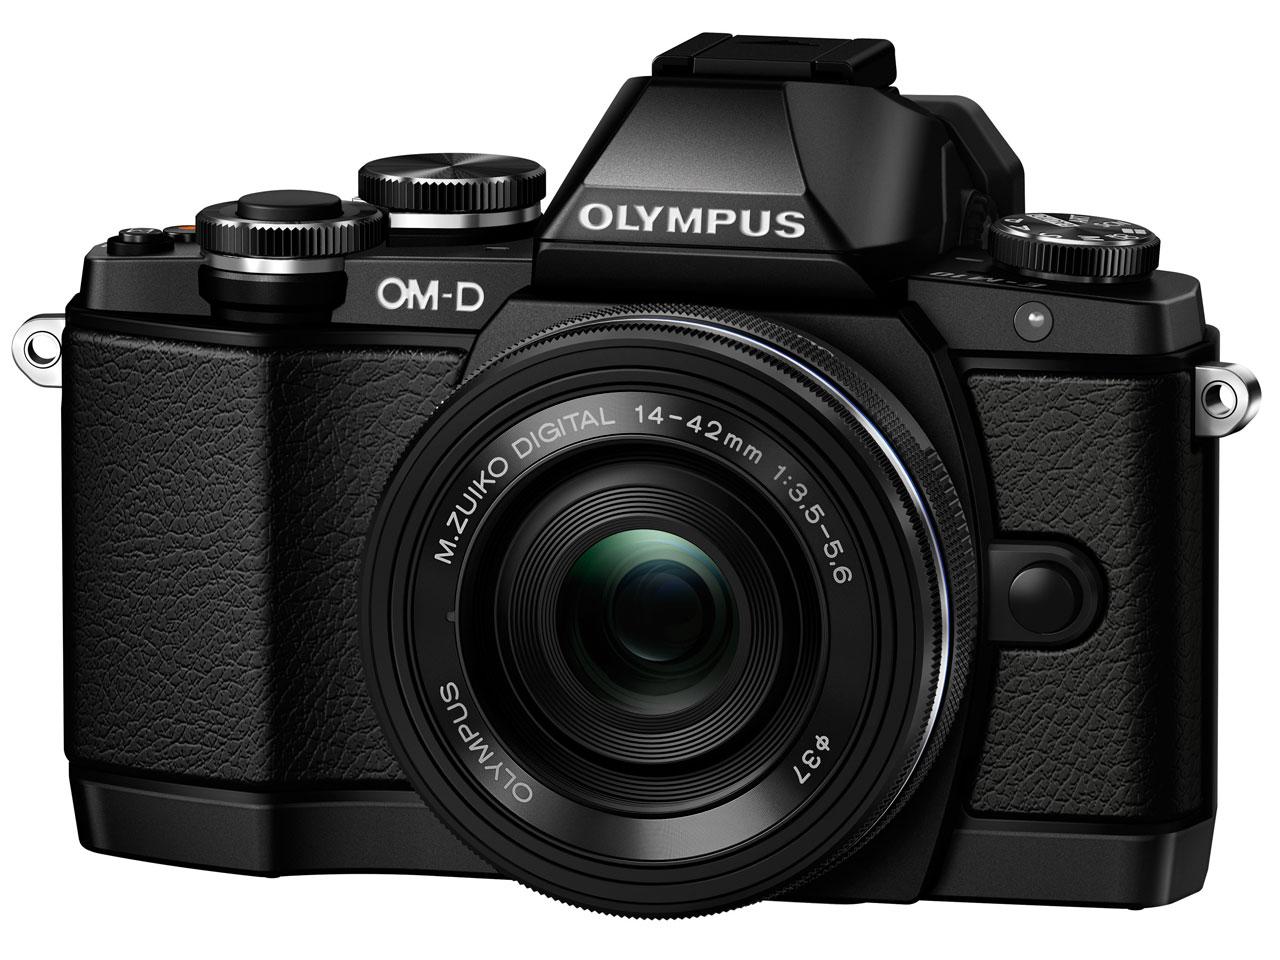 OLYMPUS OM-D E-M10 14-42mm EZ レンズキット [ブラック] の製品画像